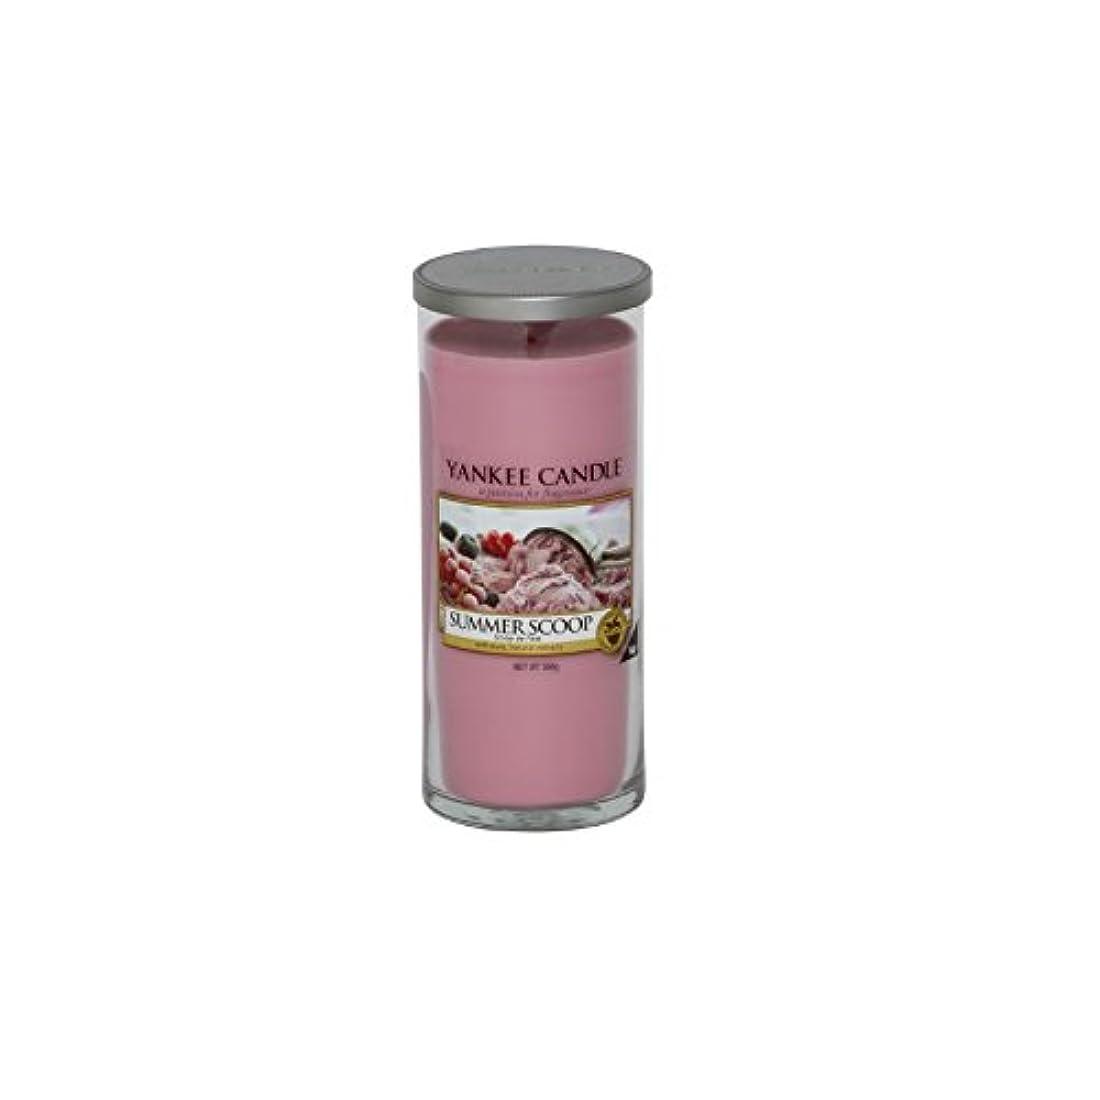 実質的に非常に怒っています雄弁家Yankee Candles Large Pillar Candle - Summer Scoop (Pack of 6) - ヤンキーキャンドル大きな柱キャンドル - 夏のスクープ (x6) [並行輸入品]